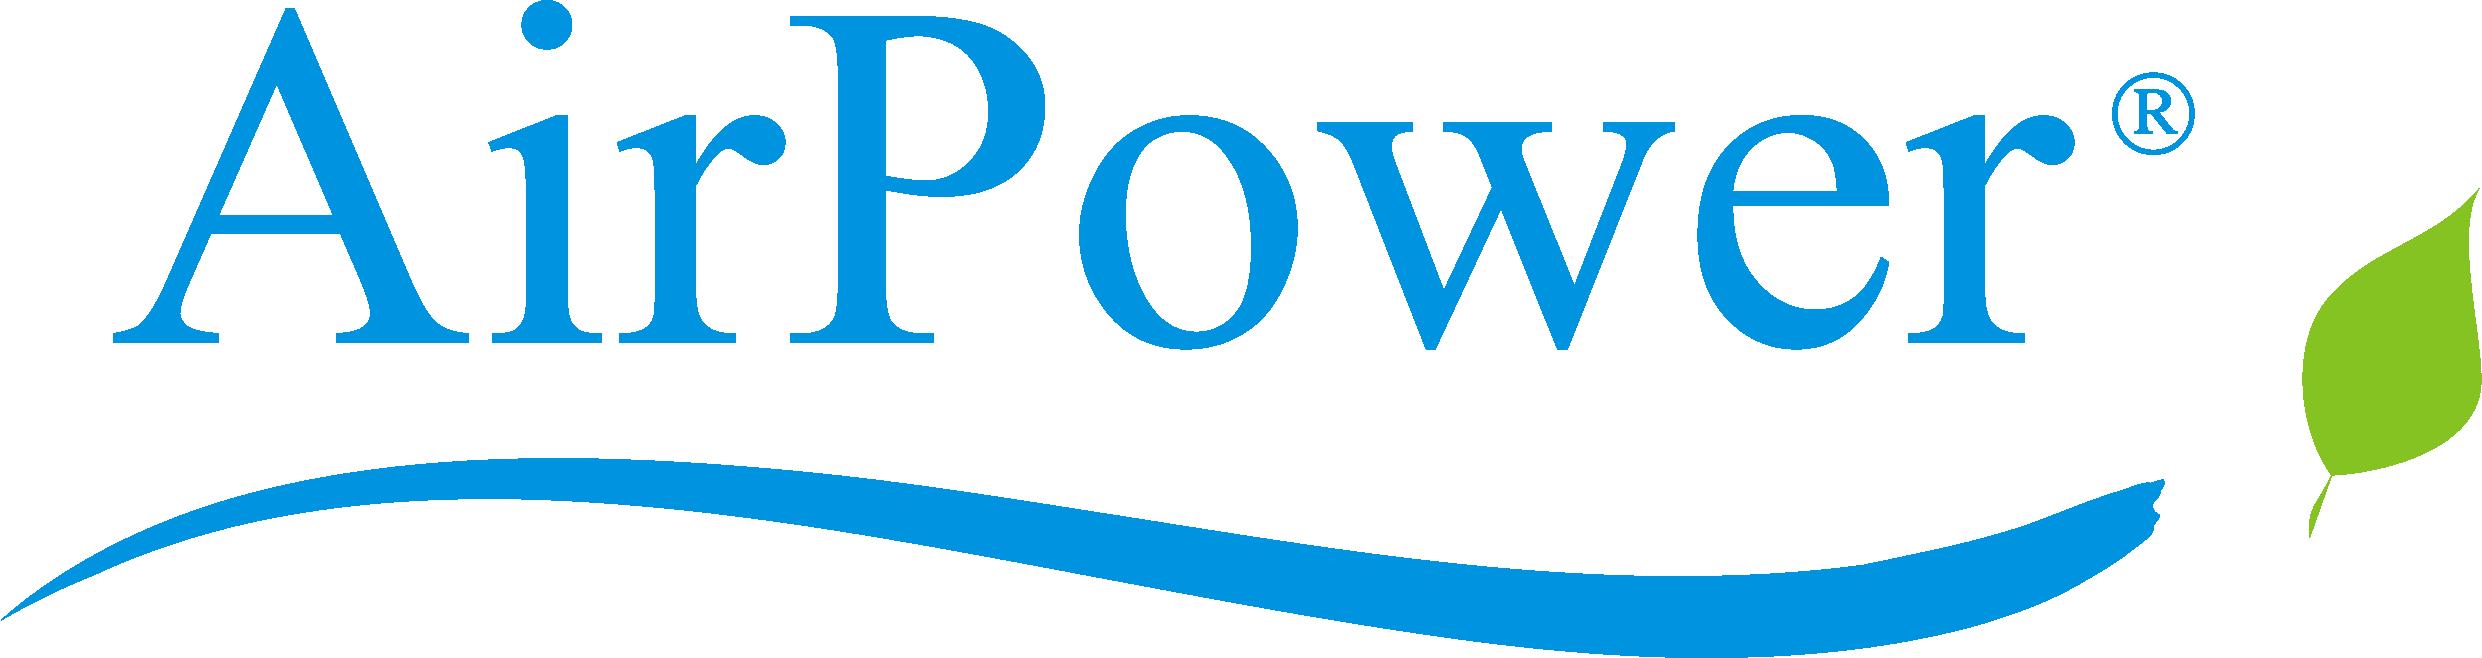 Airpower — Сила чистоты!